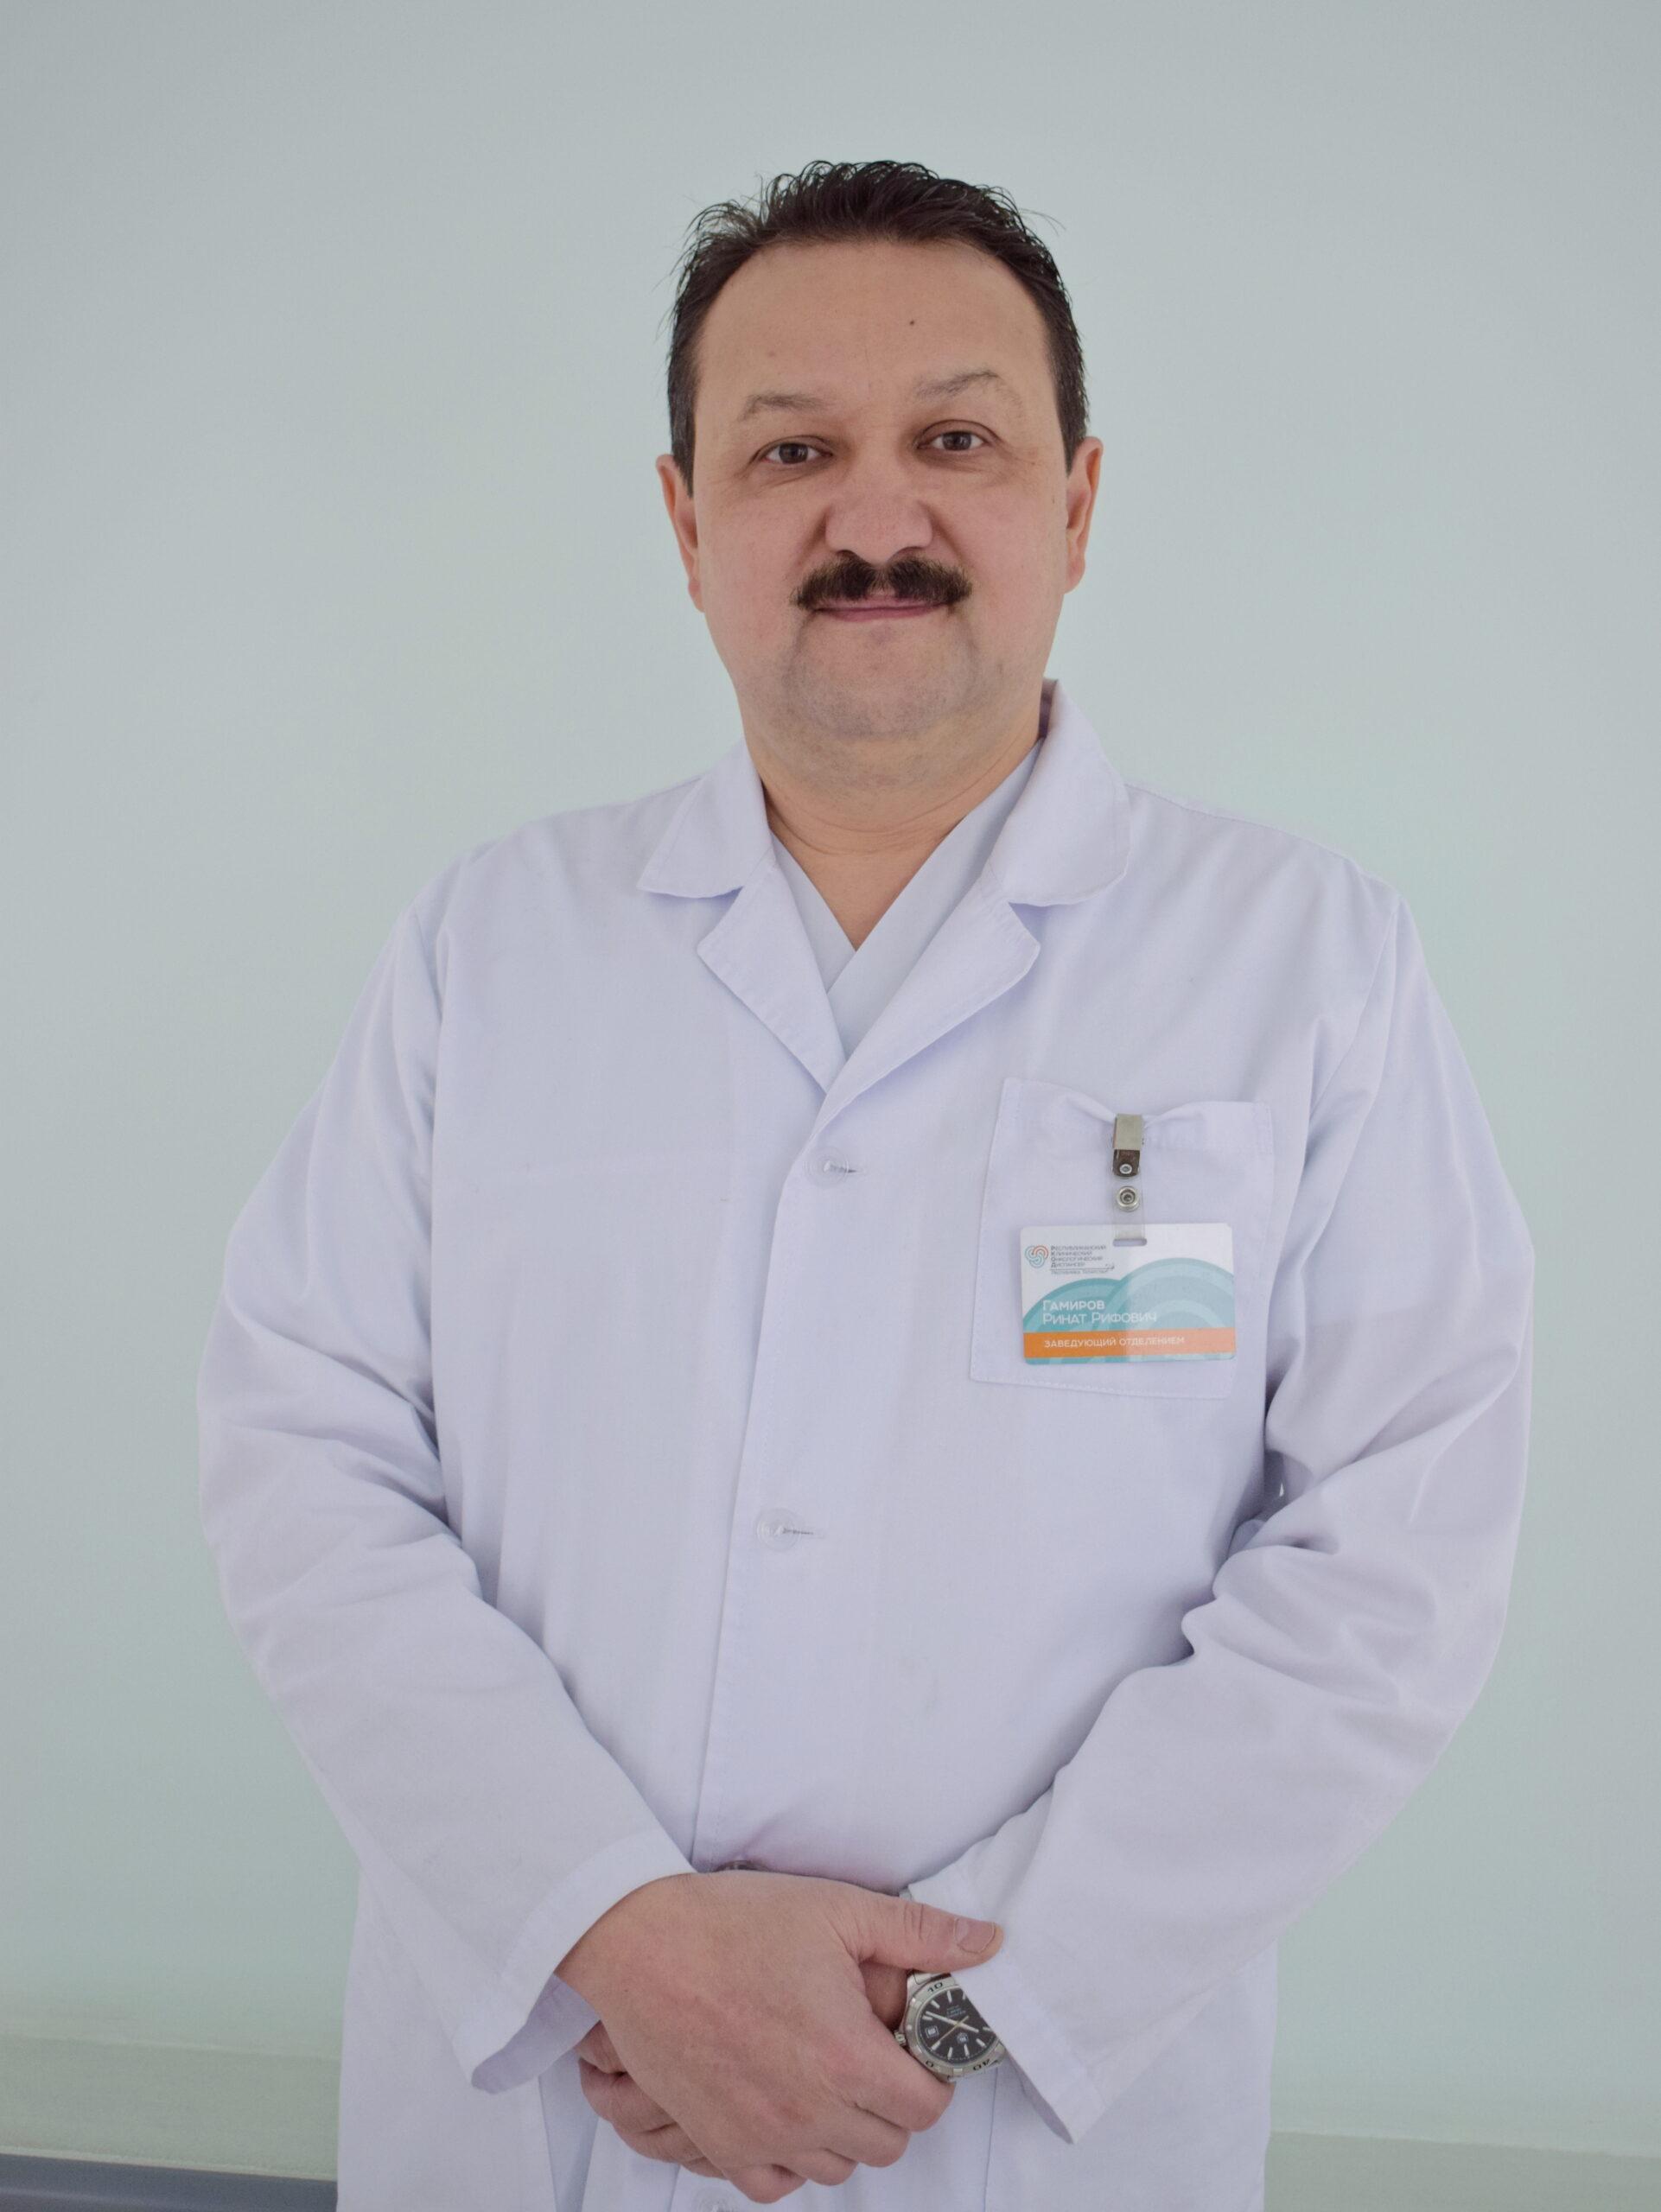 Миниатюра врача